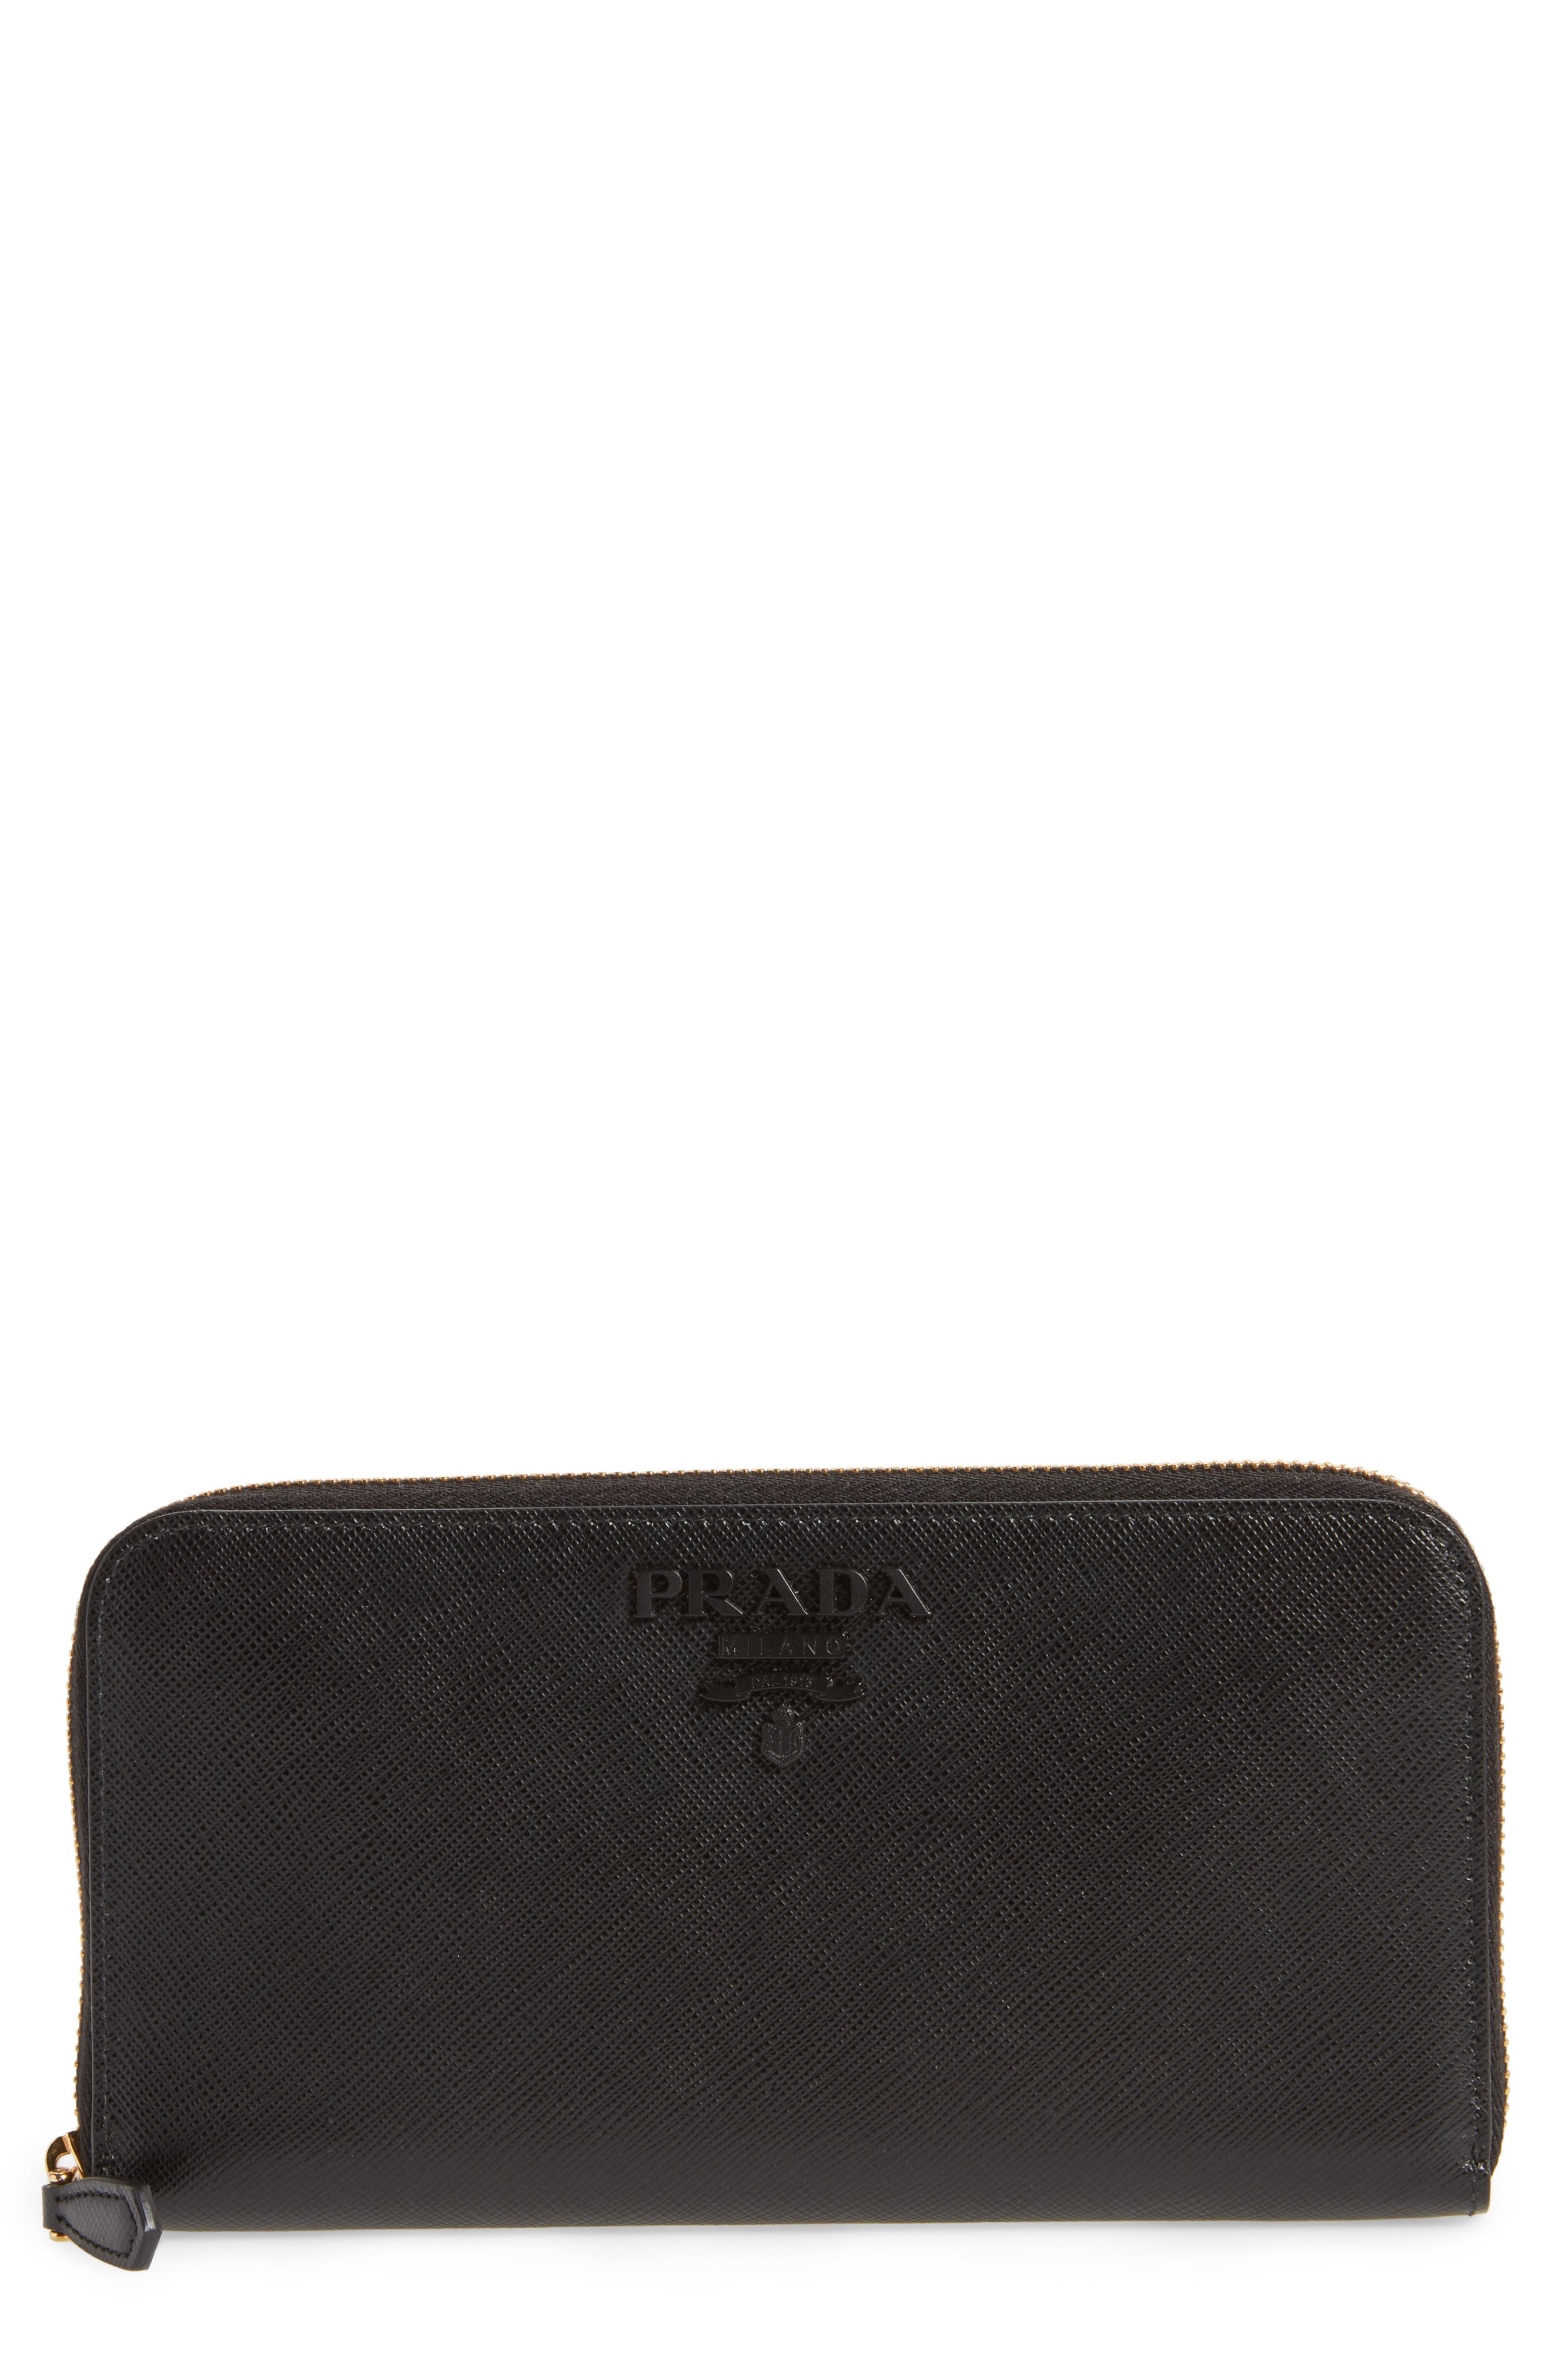 Prada Saffiano Leather Zip Around Wallet